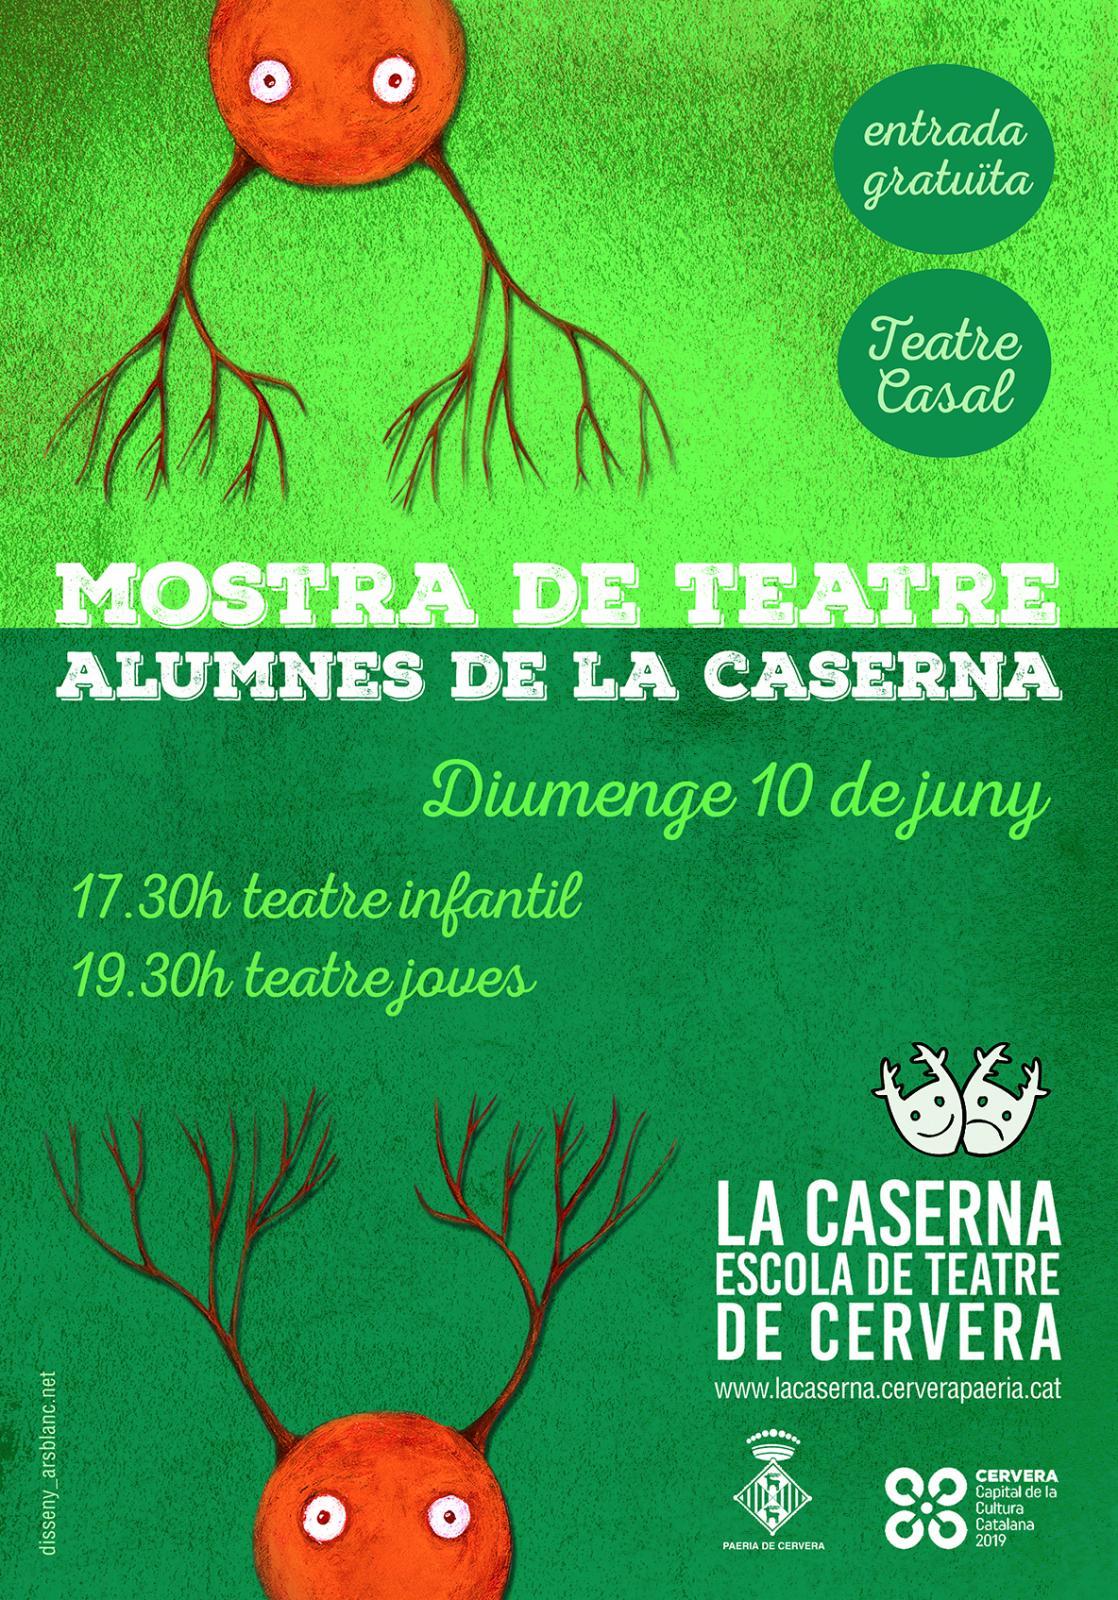 Mostra de Teatre dels alumnes de La Caserna